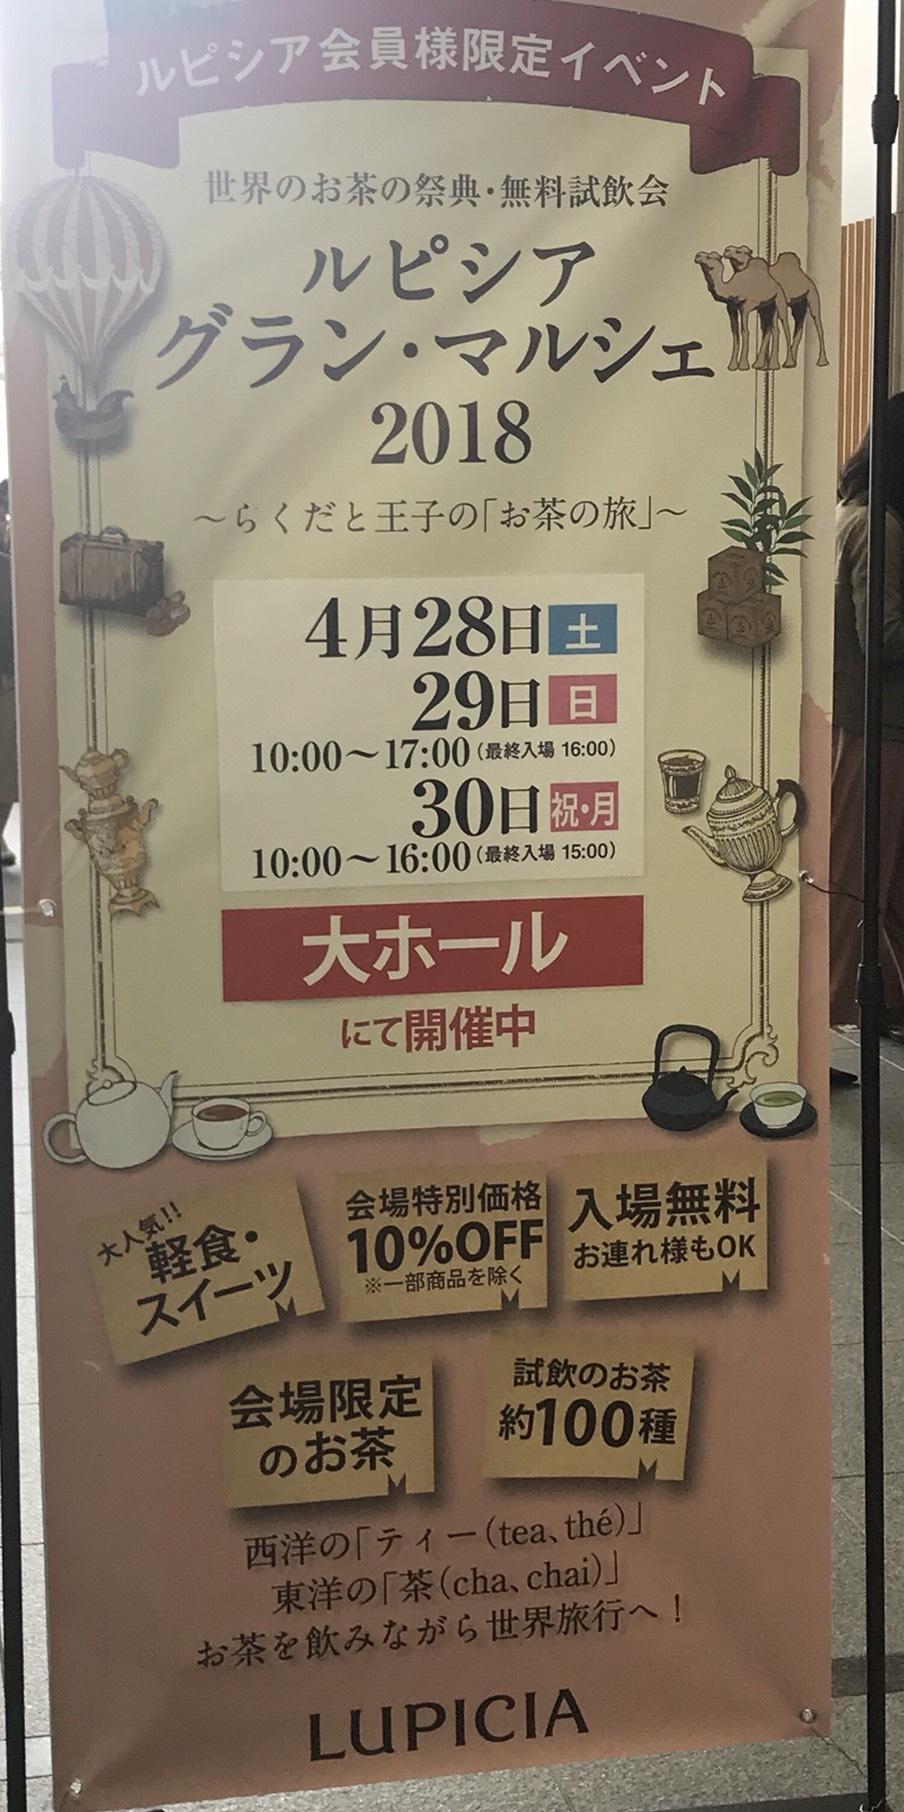 ルピシア グランマルシェ2018【札幌】